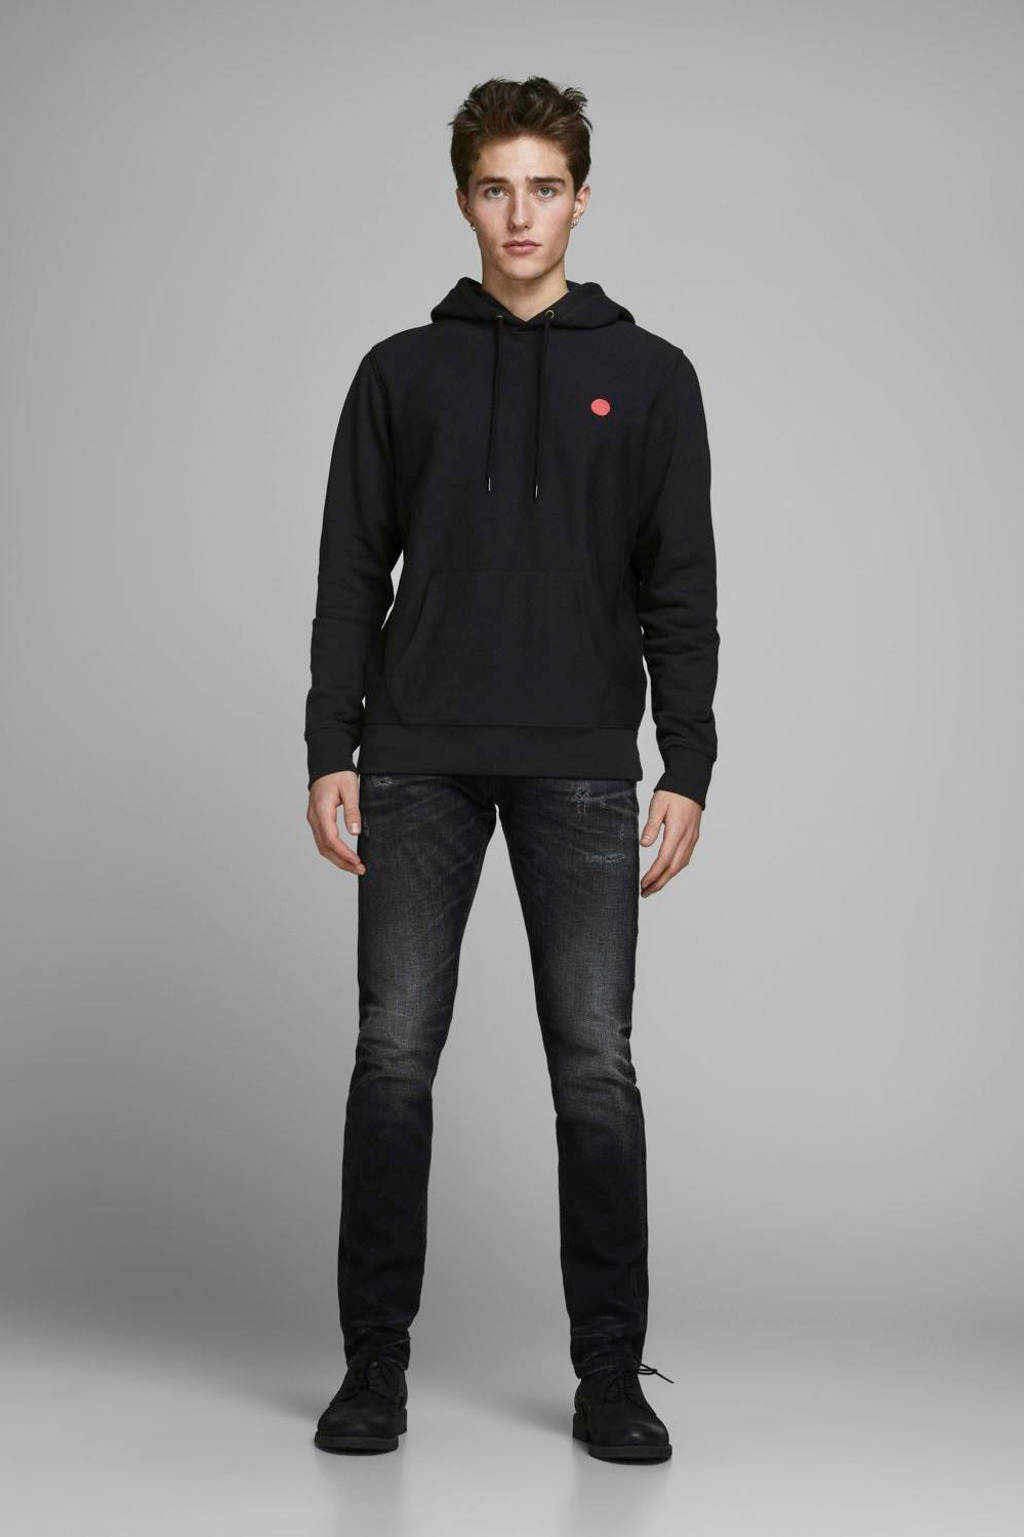 JACK & JONES PREMIUM hoodie met logo black, Black